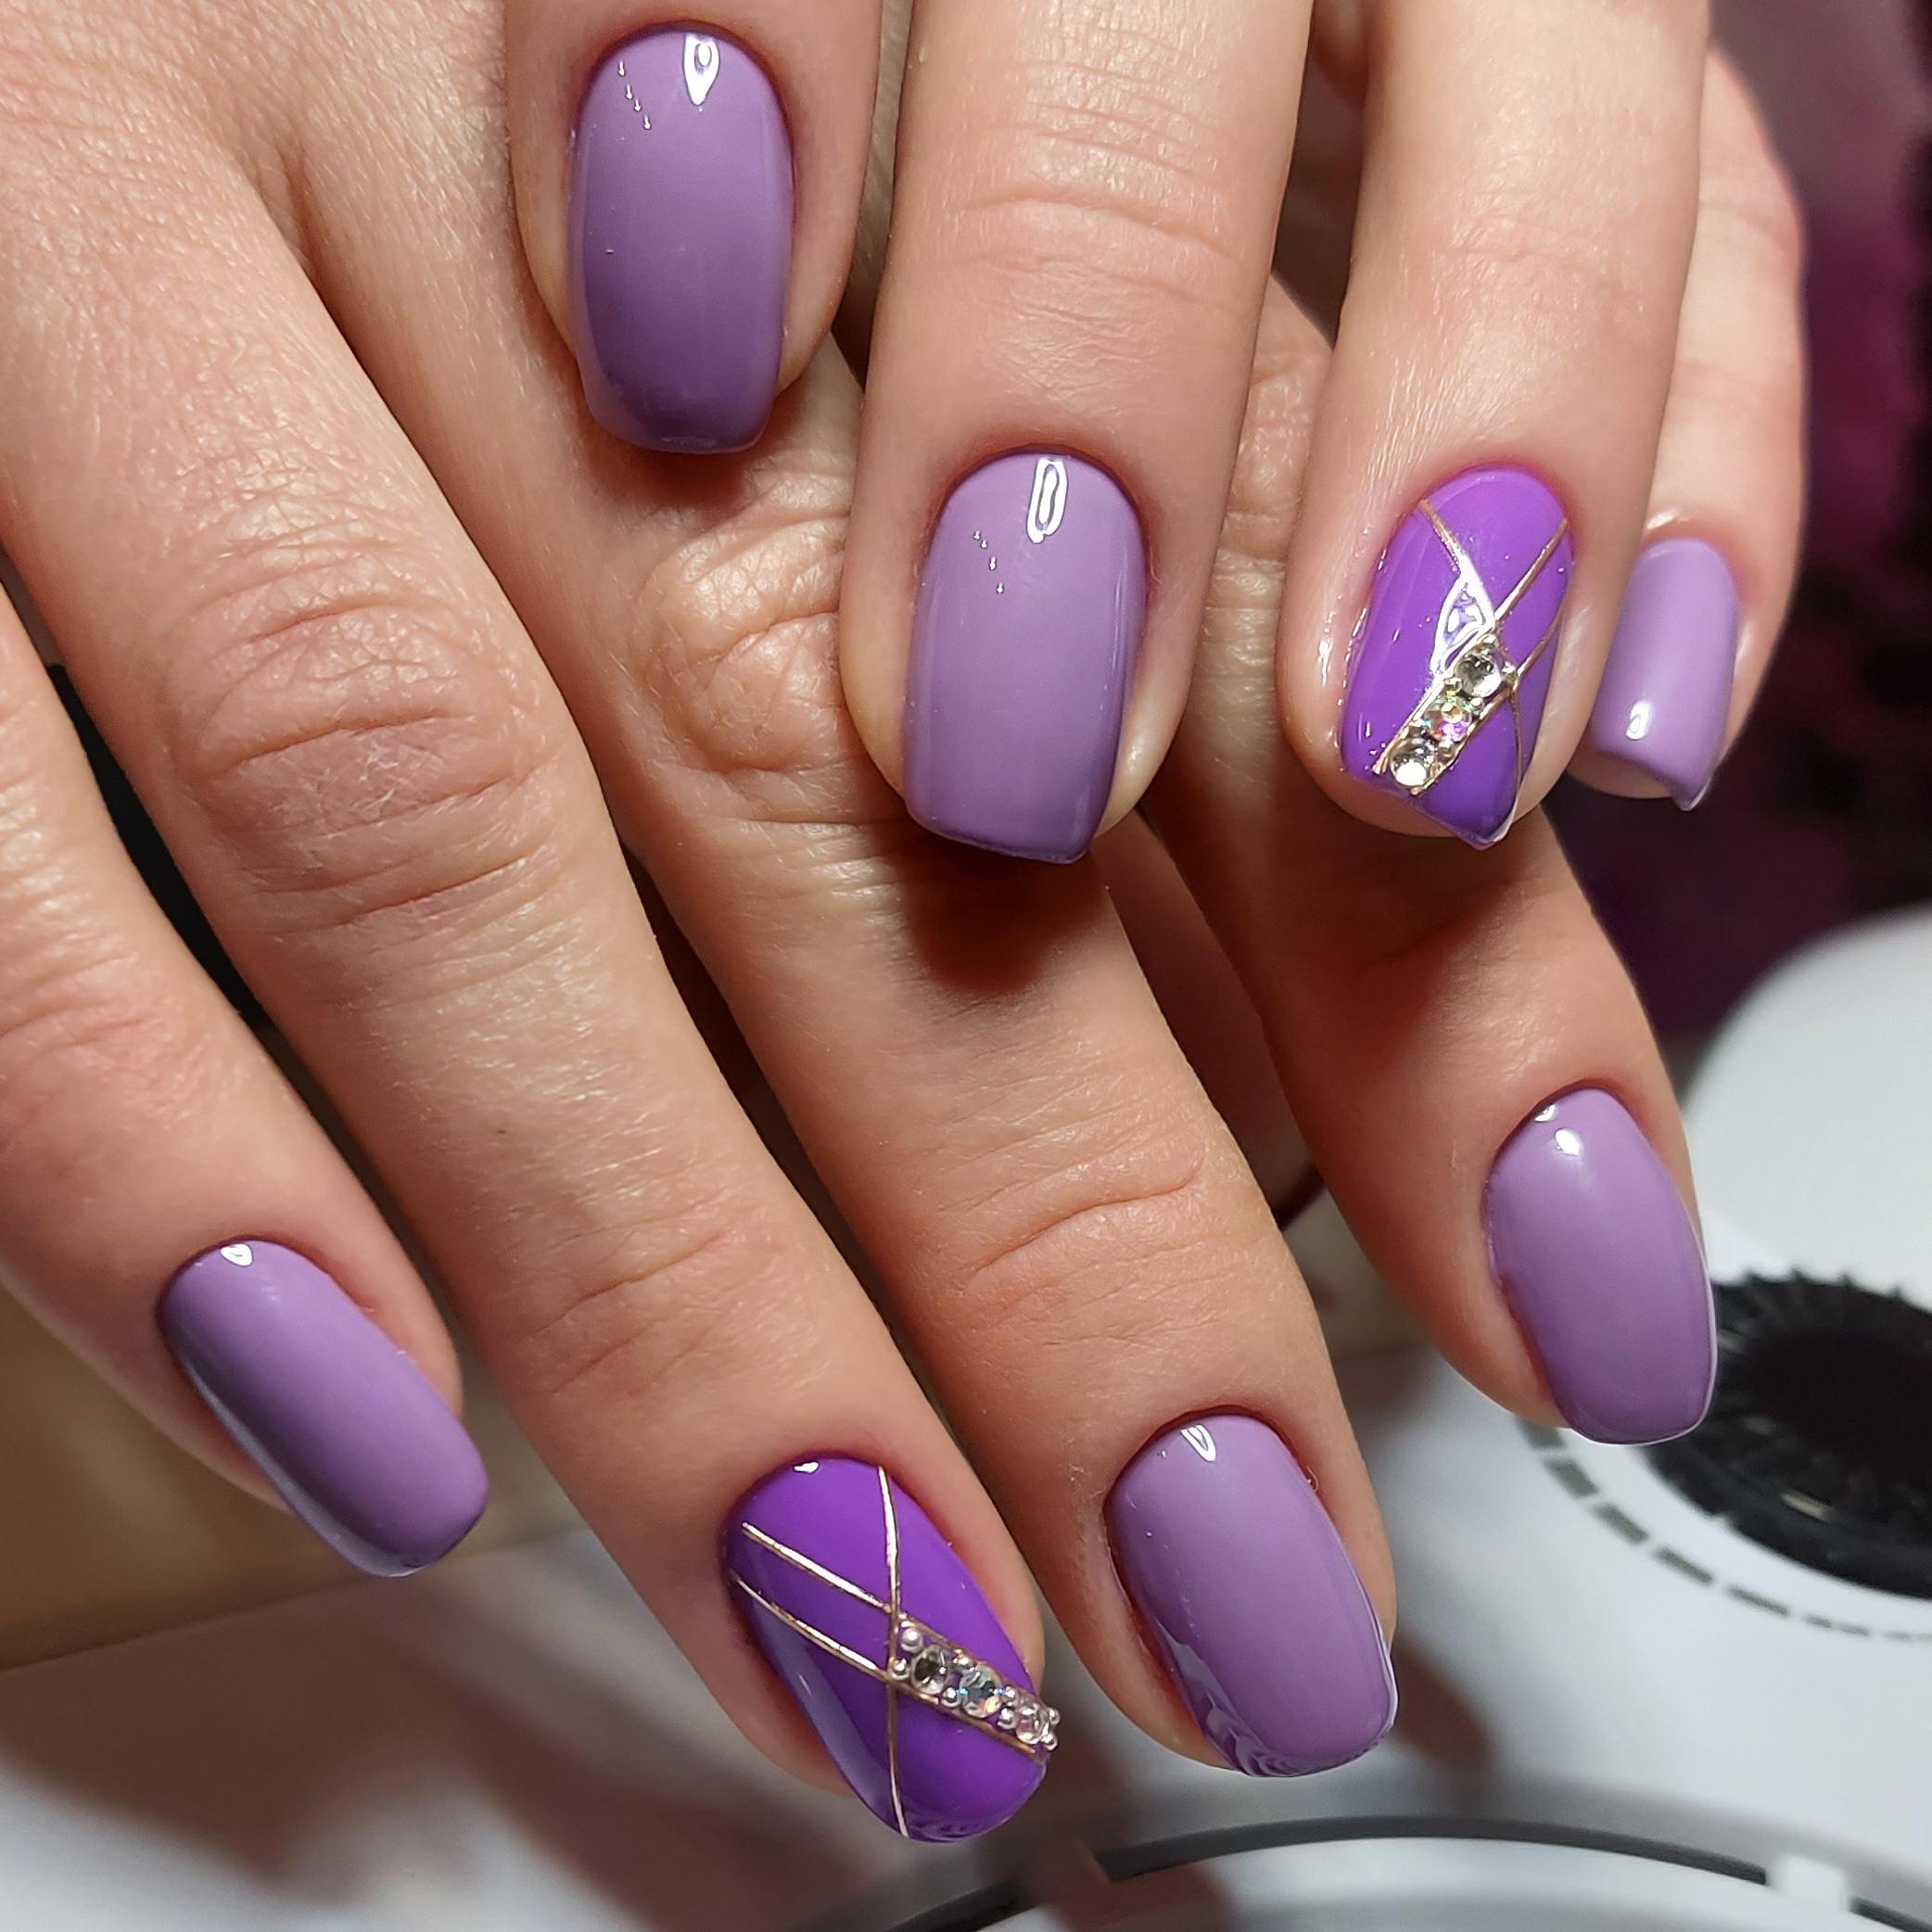 Маникюр с золотыми полосками и стразами в сиреневом цвете на короткие ногти.